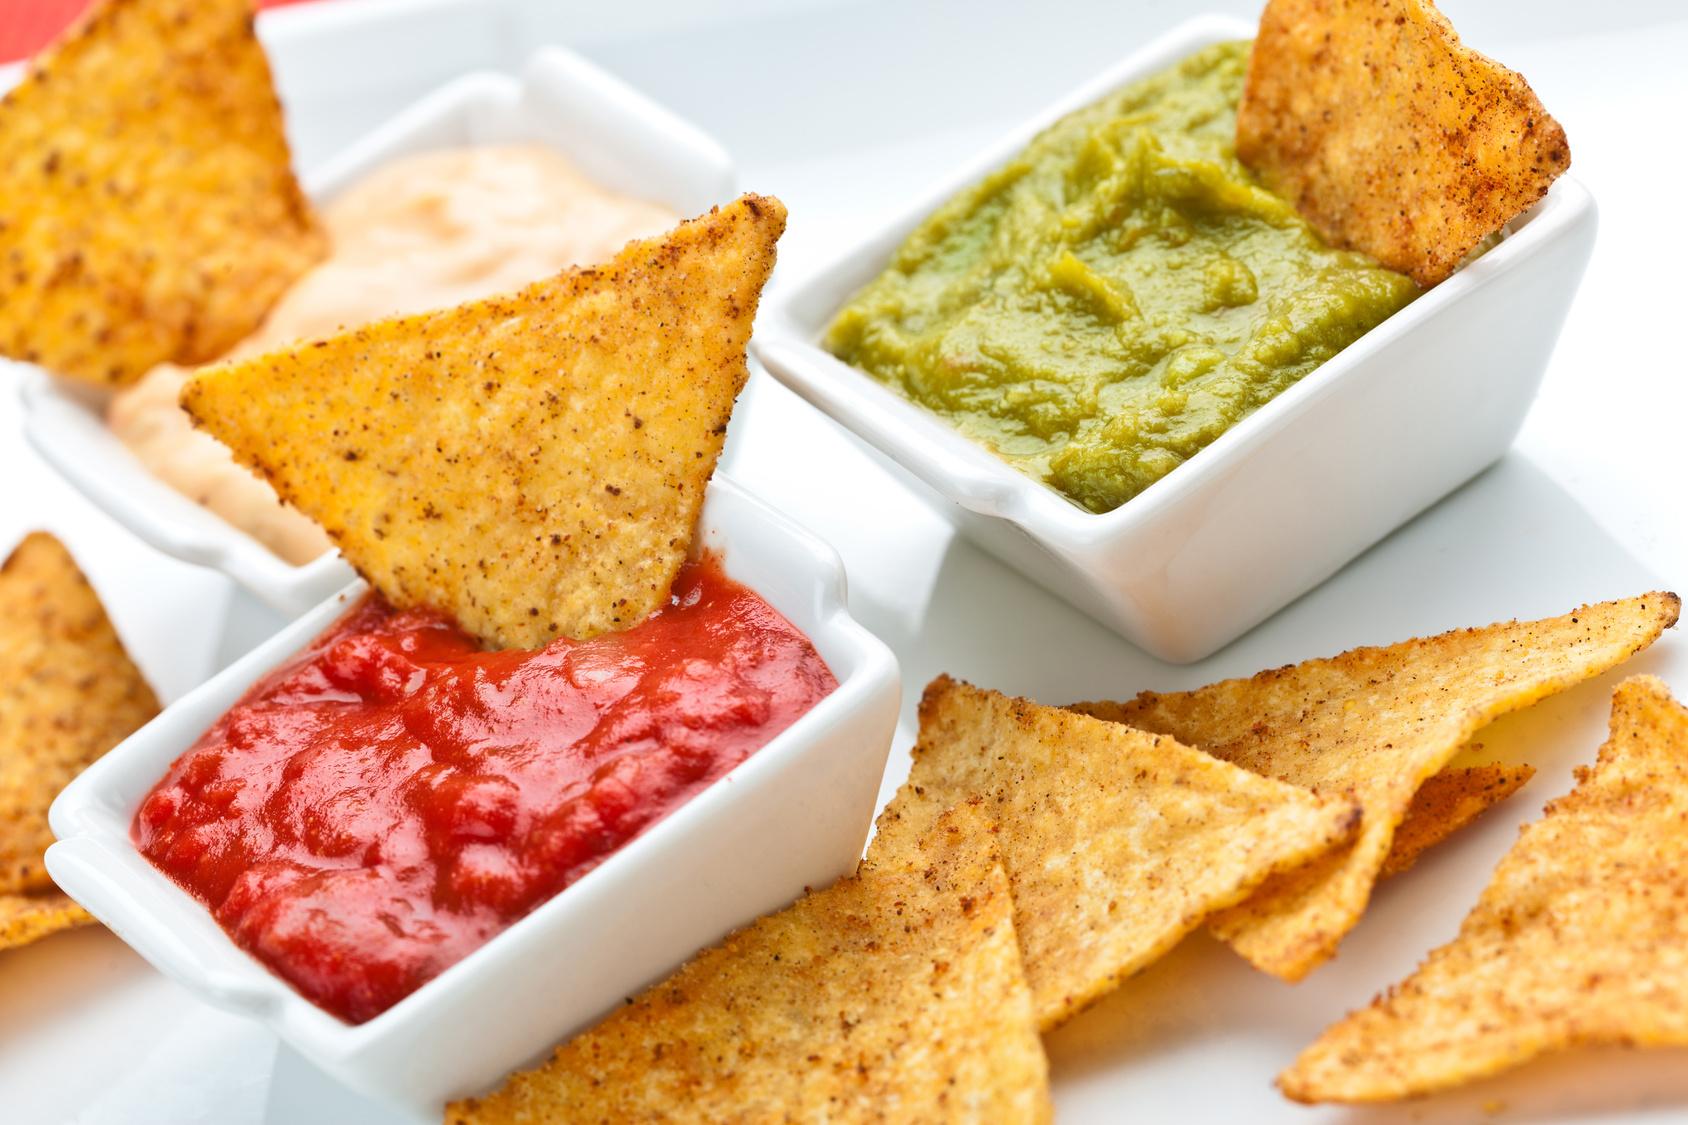 Maquinaria para comida r pida pcm for Una comida rapida